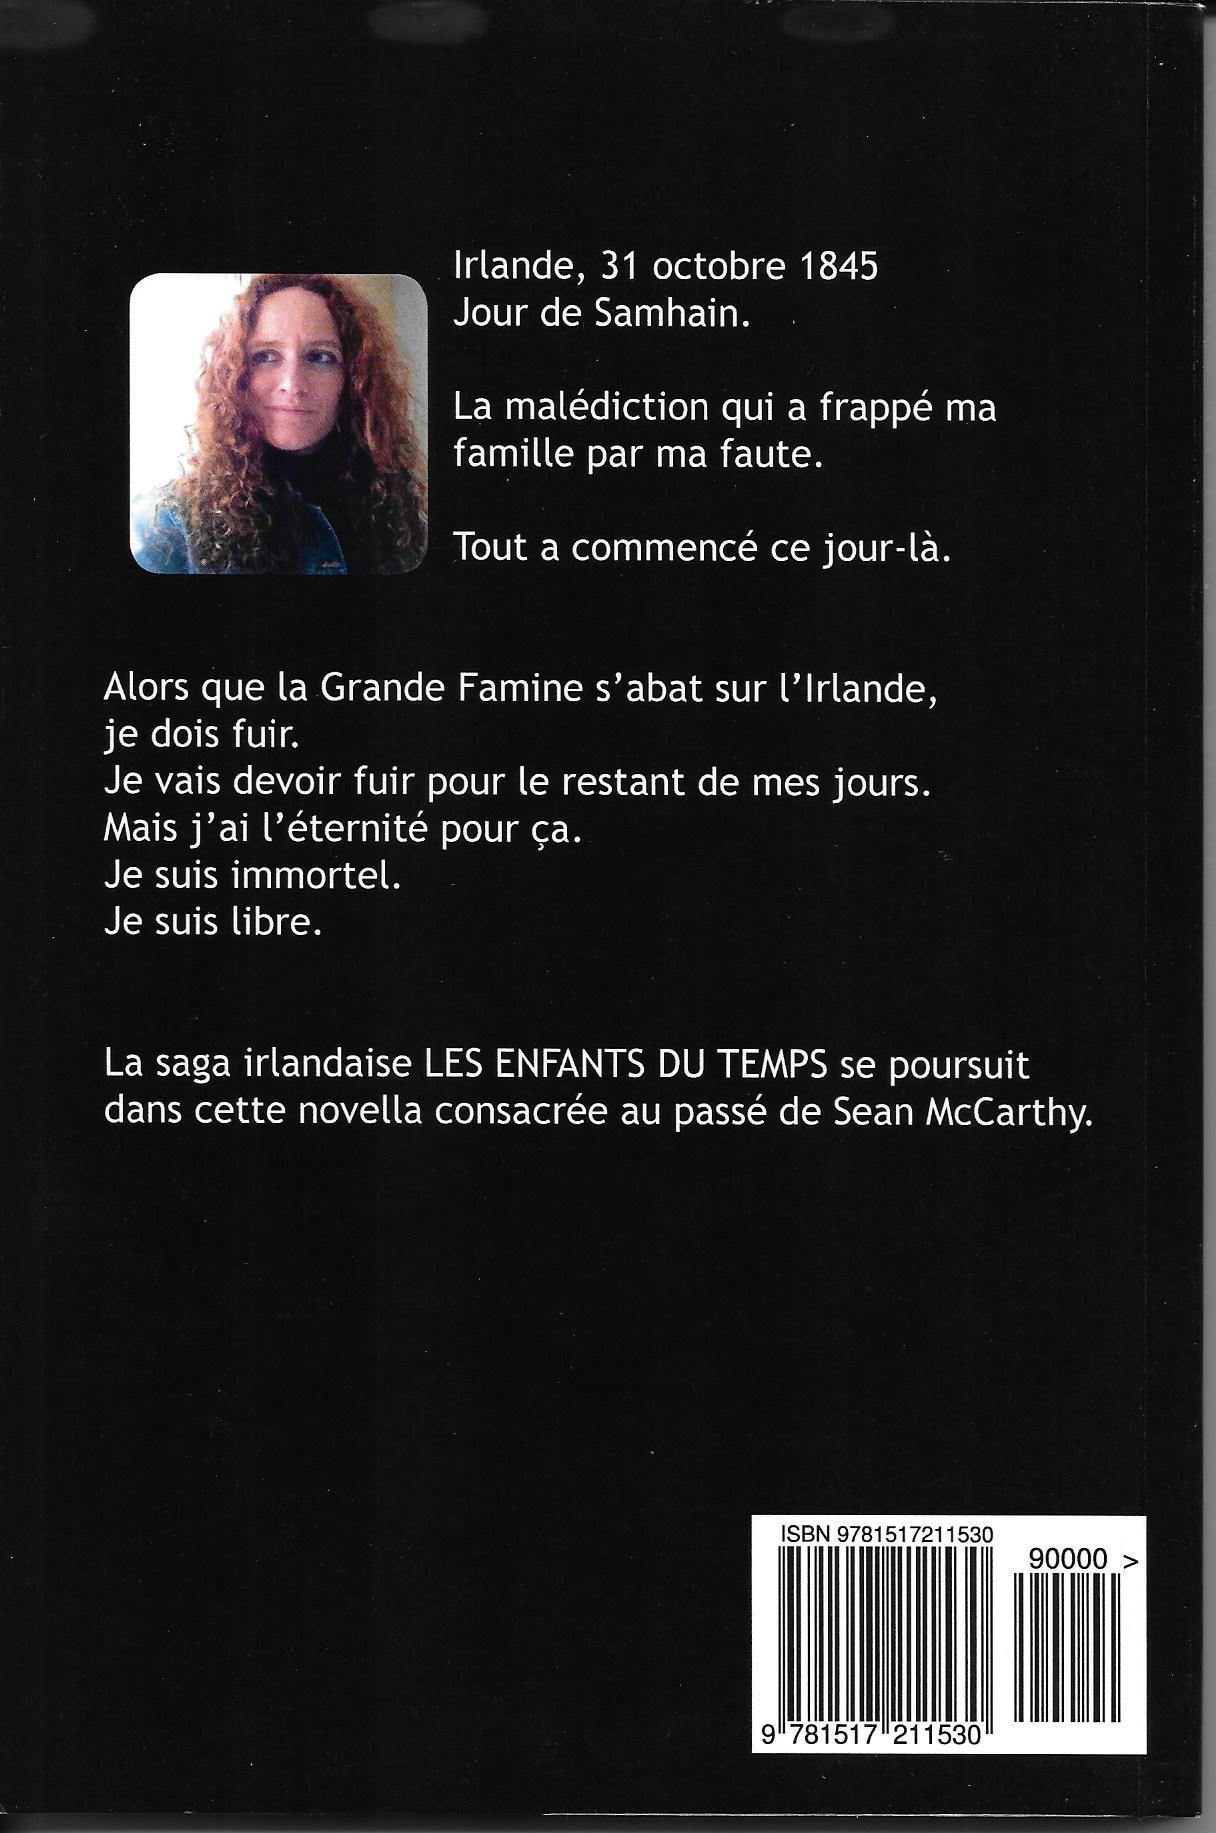 Les Enfants du Temps - Ténébreux (couverture verso)